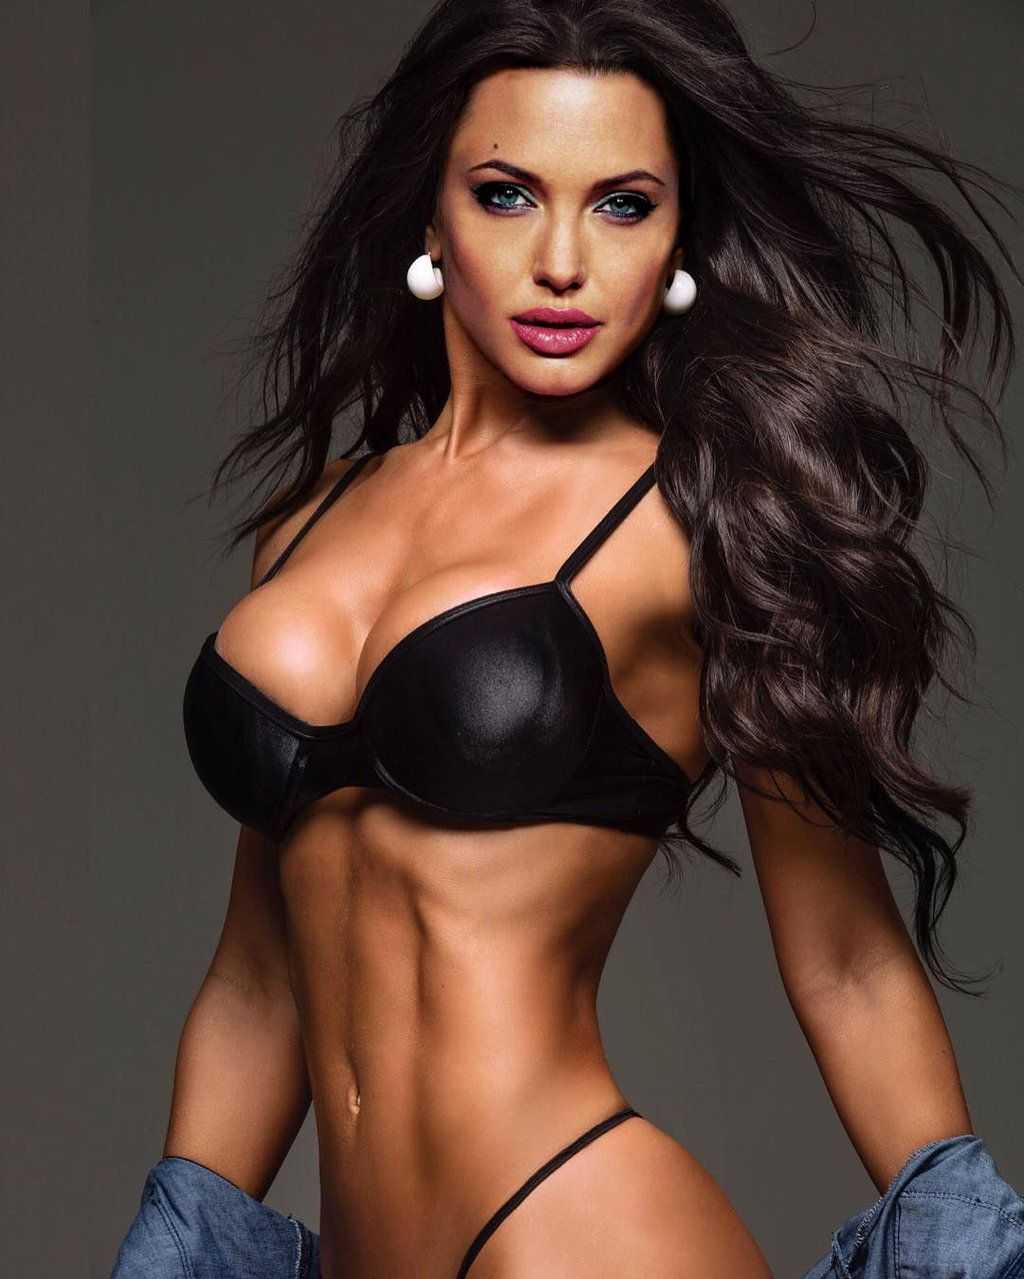 Angelina Jolie hot bikini